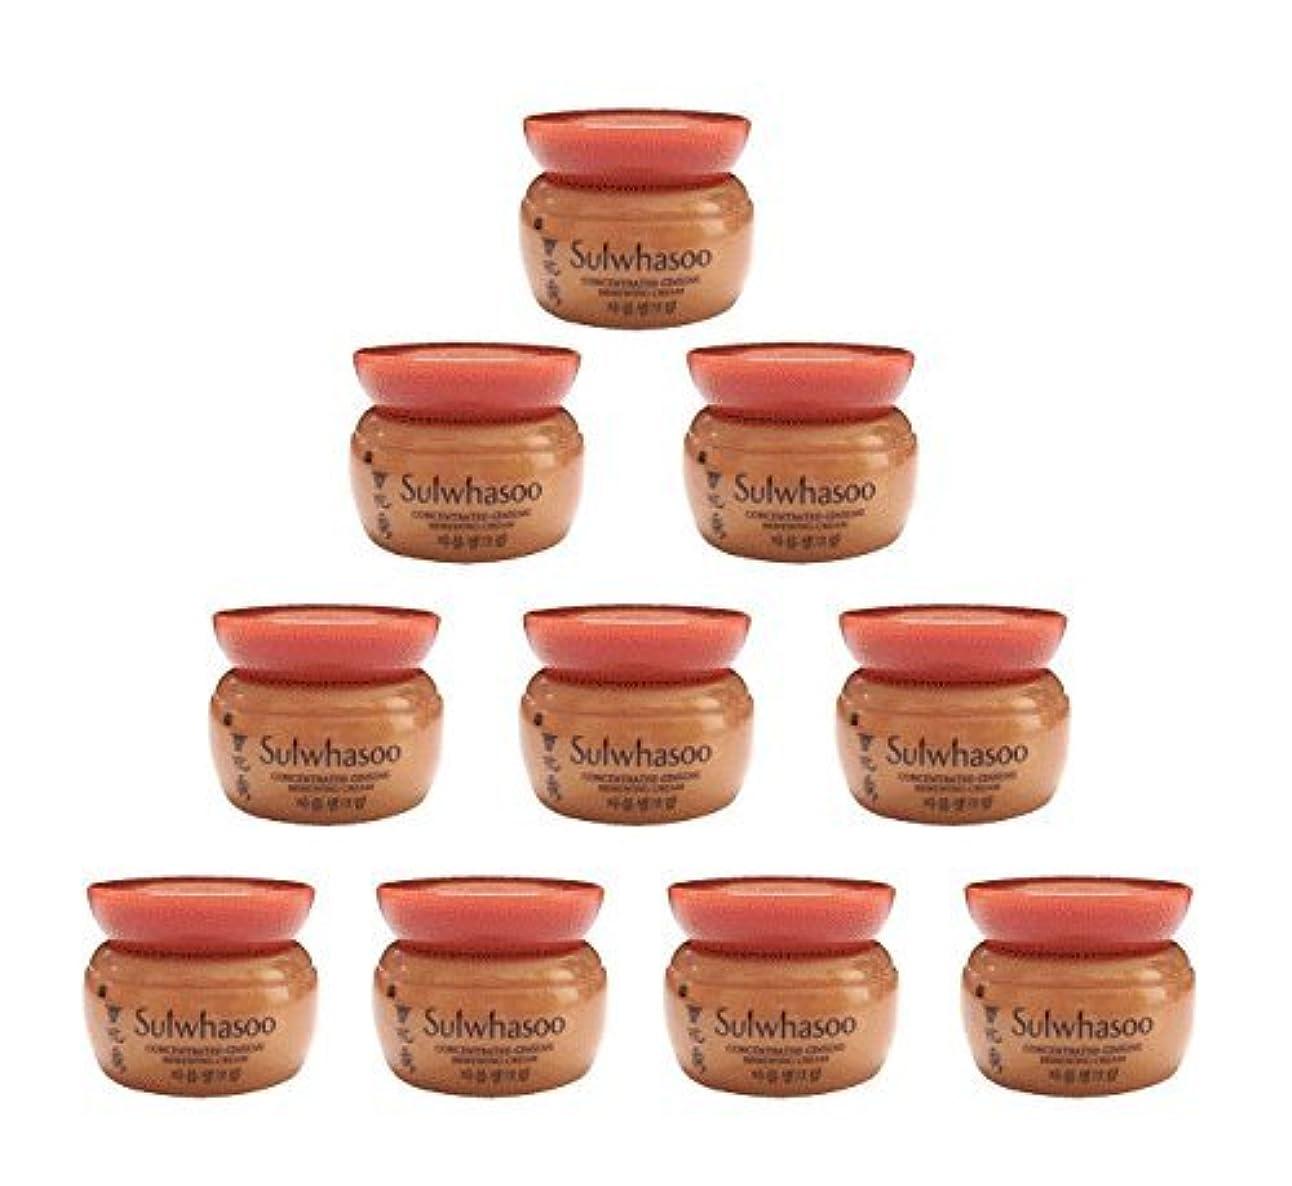 教育者粘液未亡人【ソルファス 雪花秀 Sulwhasoo】 Concentrated Ginseng Renewing Cream(50ml) 5ml x 10個 韓国化粧品 ブランドのサンプル [並行輸入品]